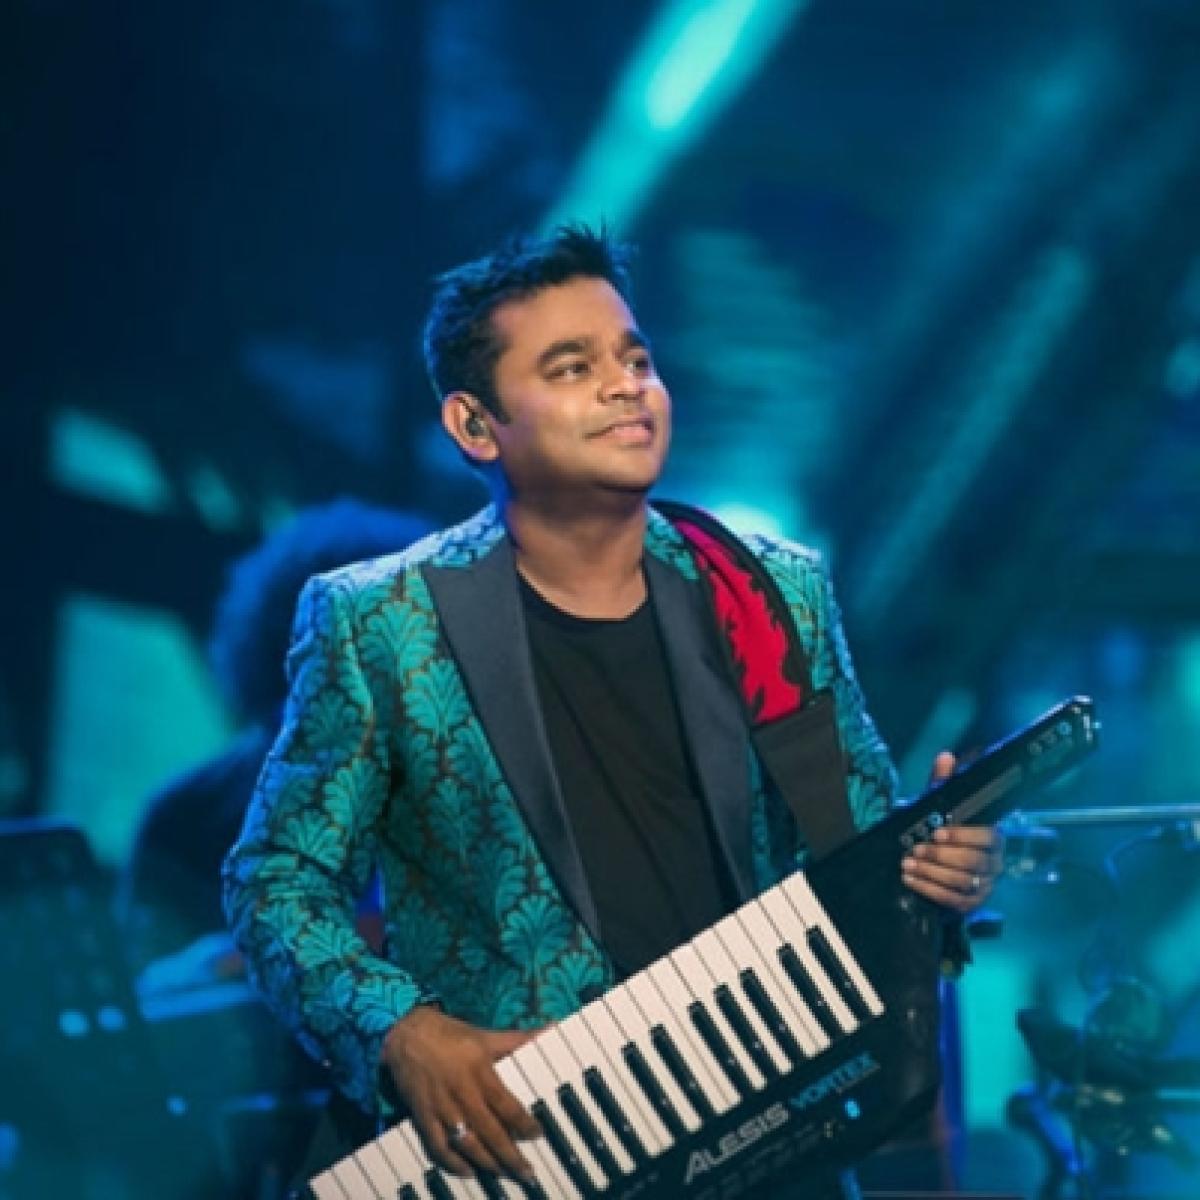 Oscars 2020: AR Rahman's 'Jai ho' in original song montage